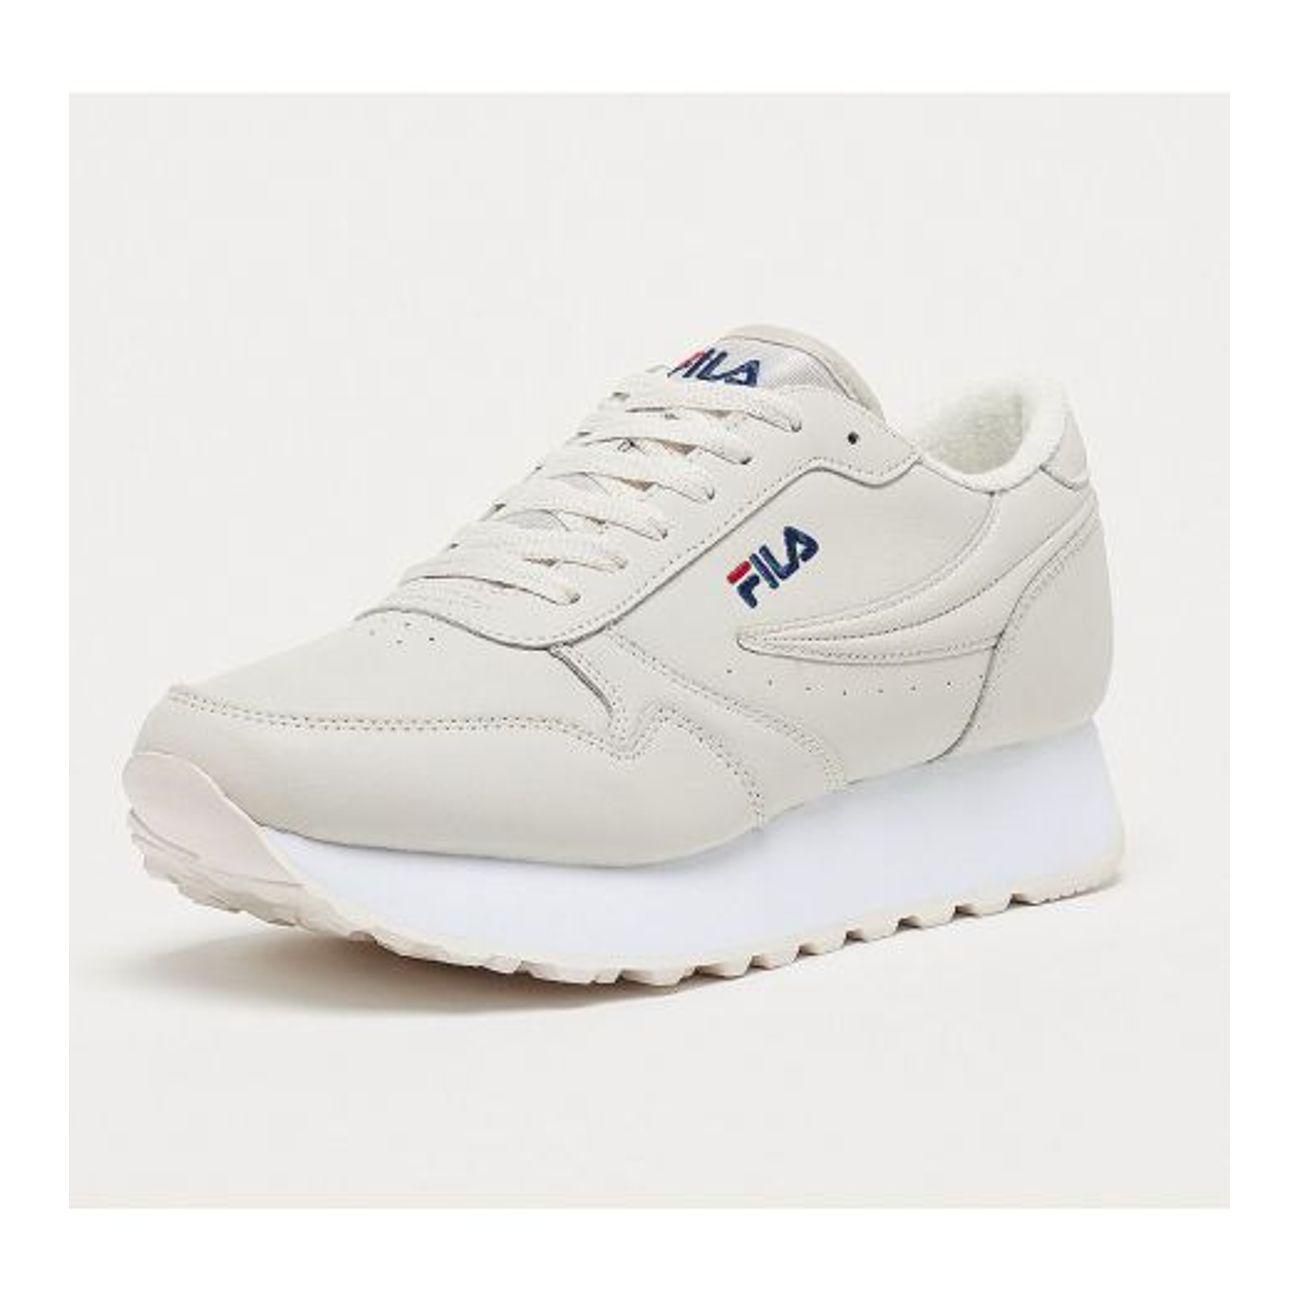 Chaussures basses en cuir ORBIT ZEPPA – achat et prix pas cher - Go ... 1ebe35fd21a